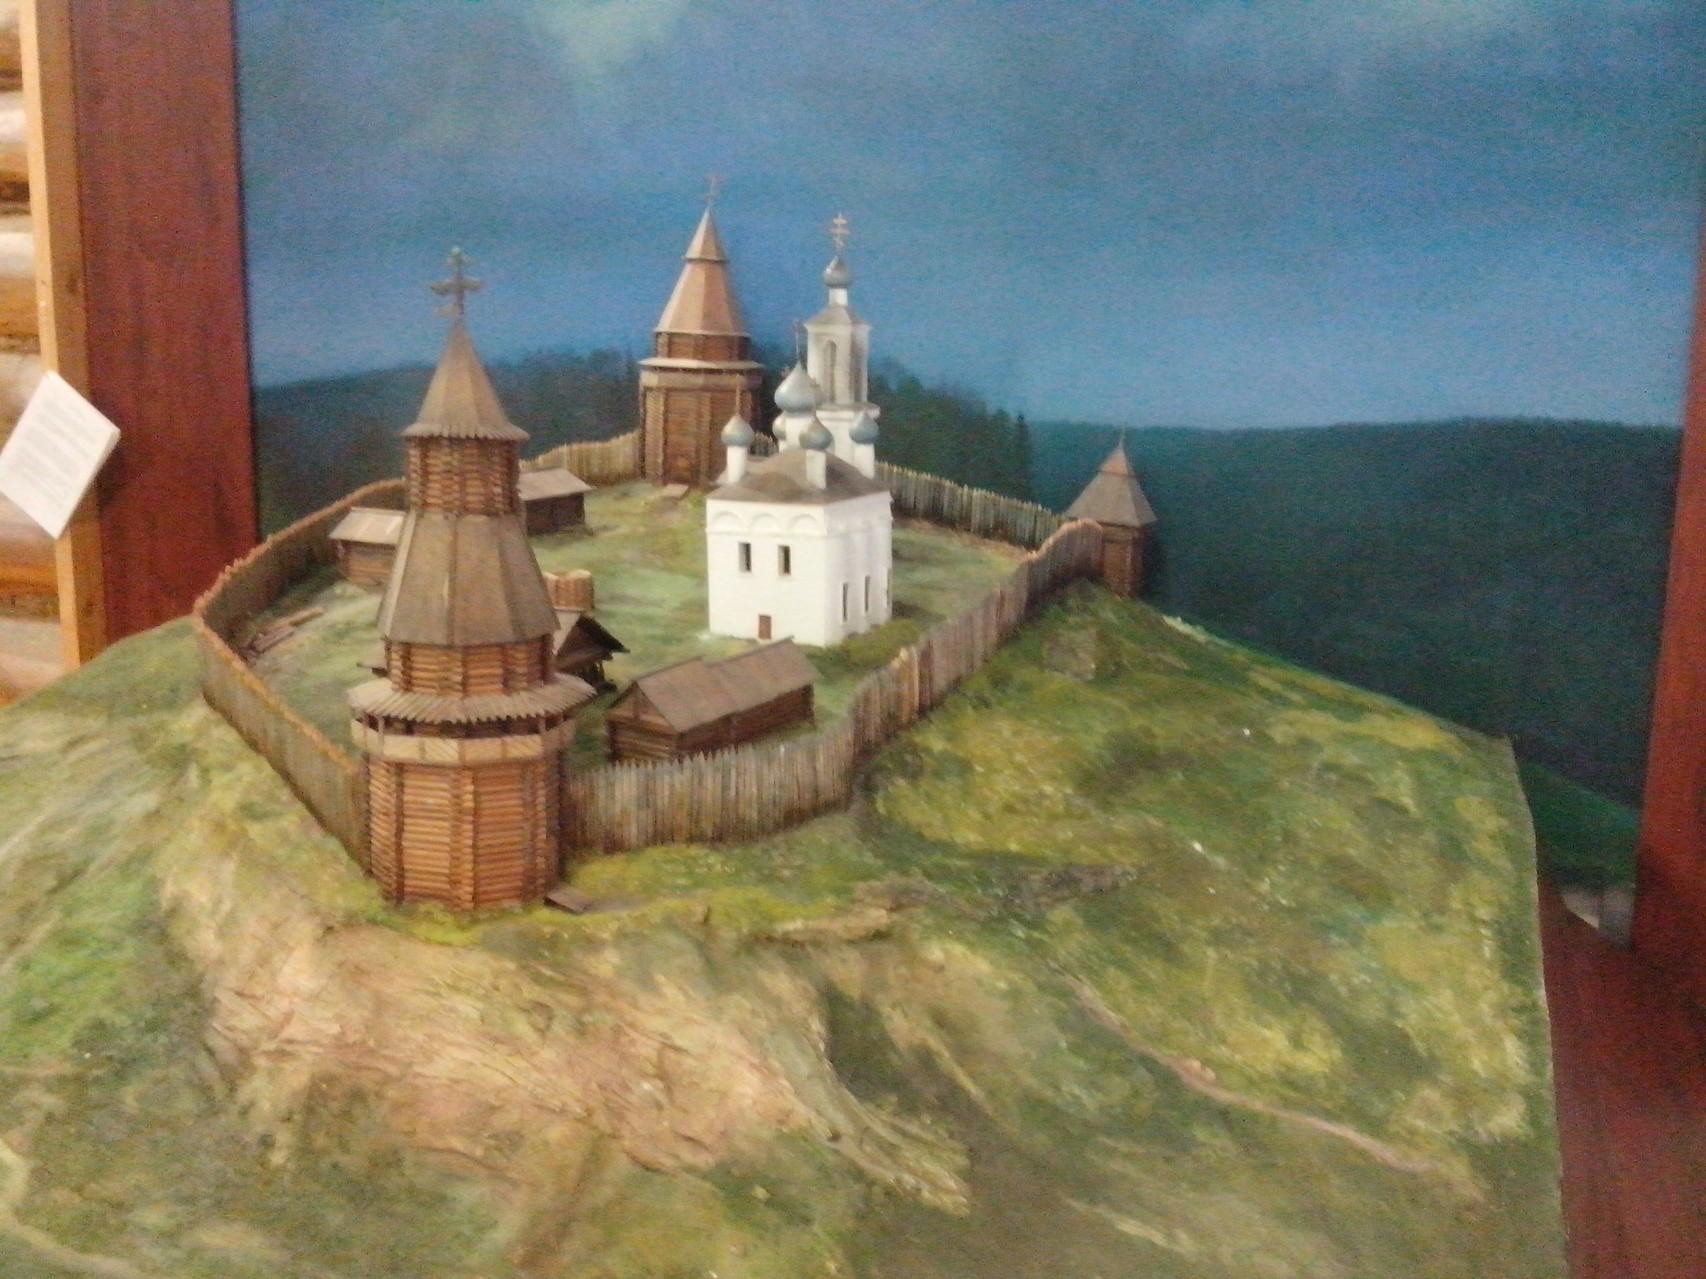 Уфимский кремль, макет. Национальный музей Республики Башкортостан